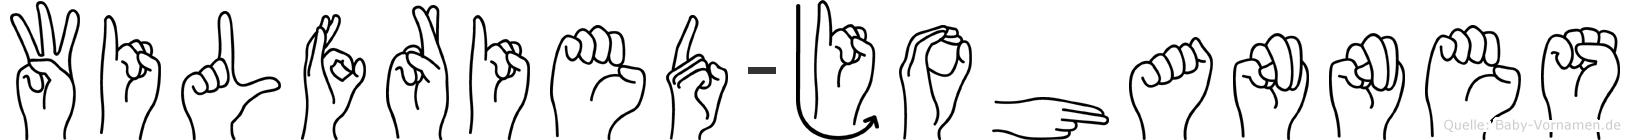 Wilfried-Johannes im Fingeralphabet der Deutschen Gebärdensprache